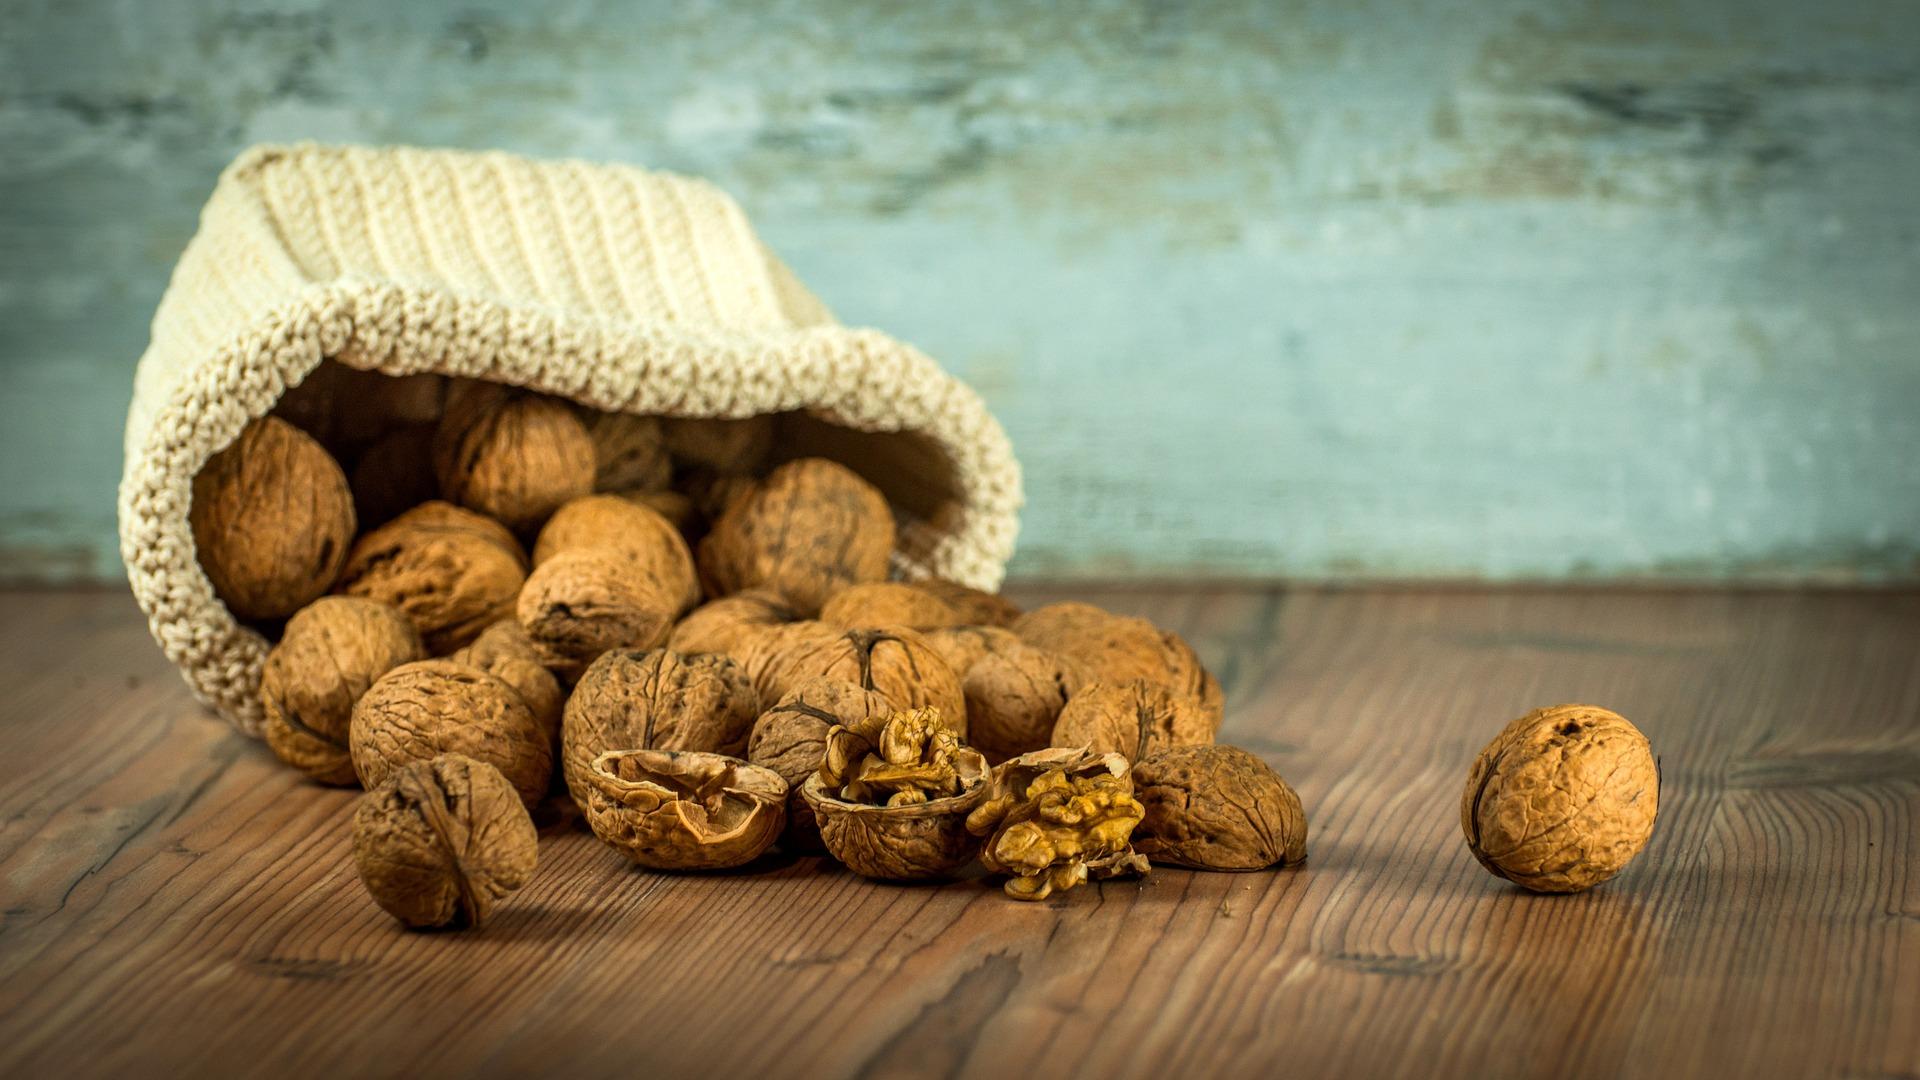 walnuts-1213008_1920.jpg